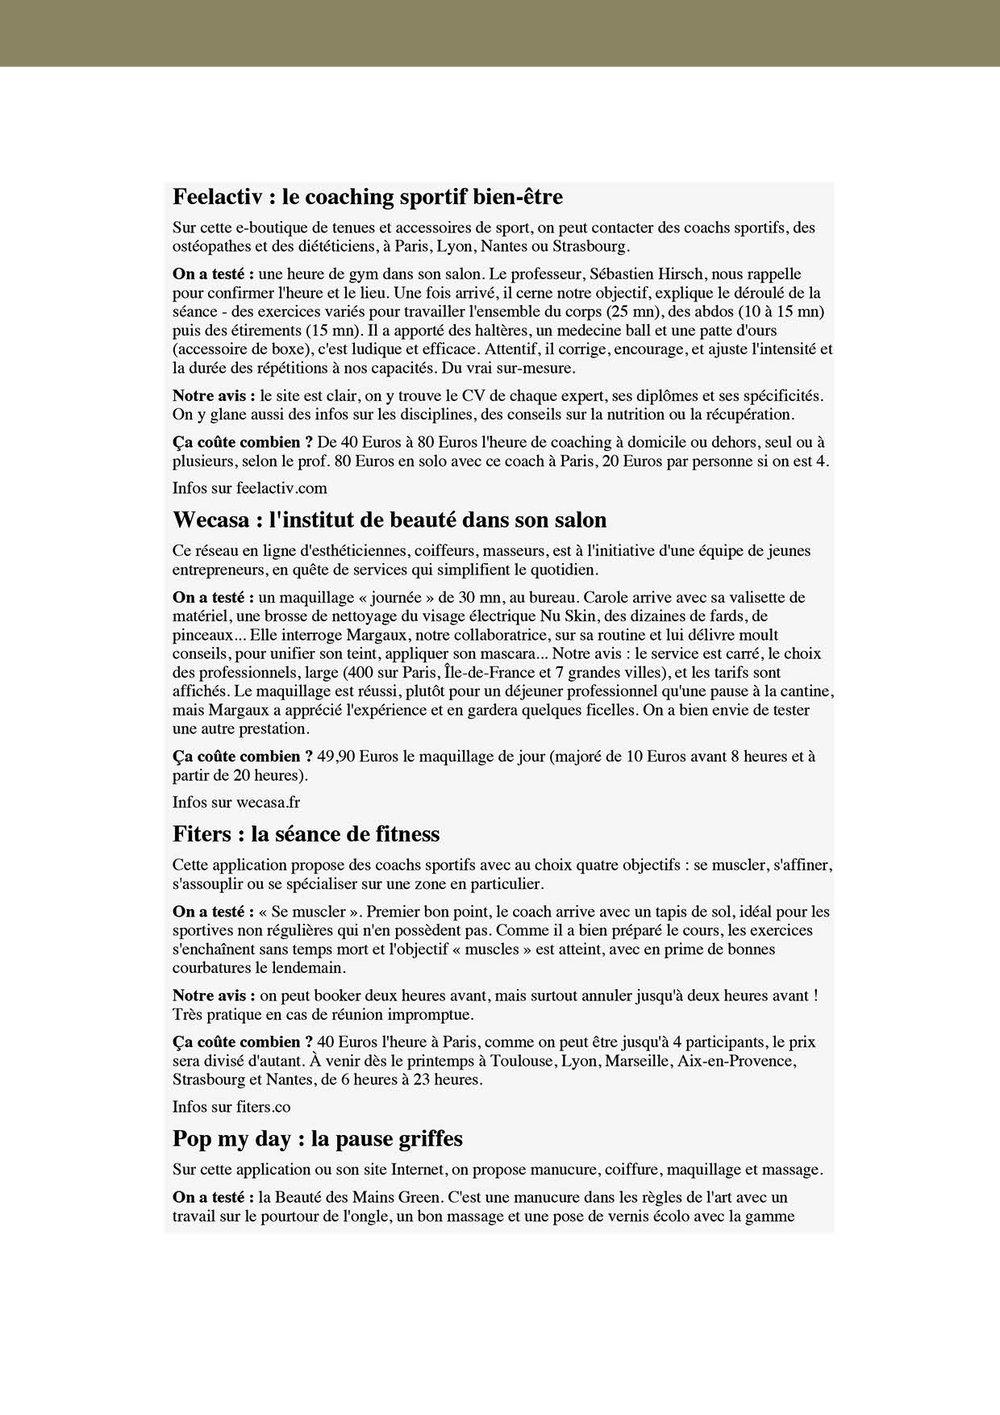 BOOKMEDIA_FEV_WEB52.jpg